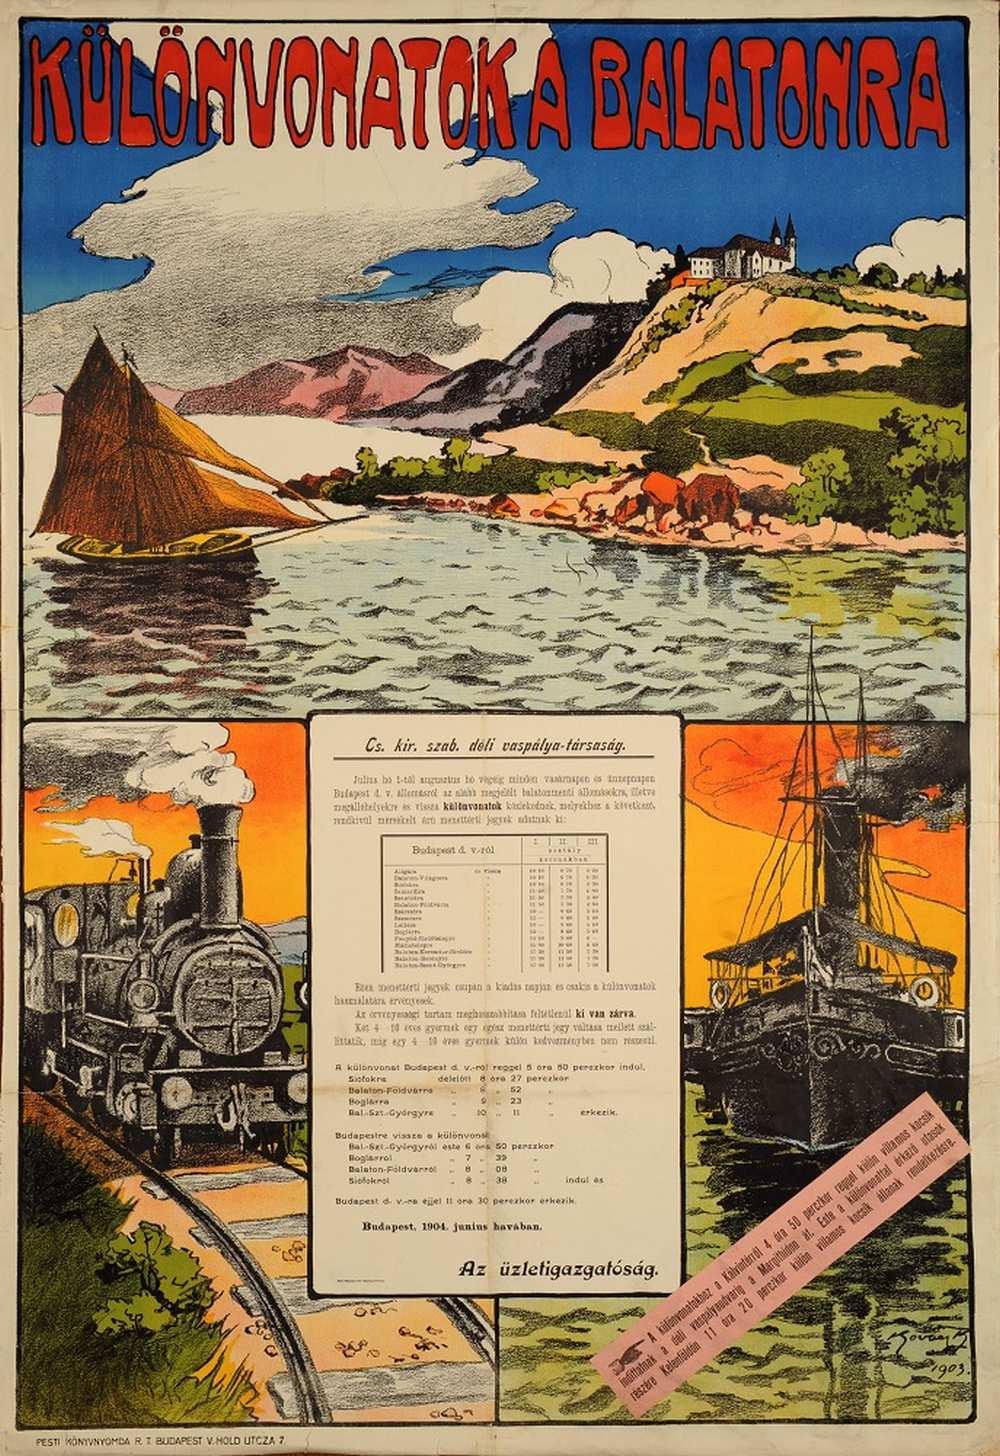 Kovács K.: Különvonatok a Balatonra (1903). Jelzet: PKG.1914e/182 – Térkép-, Plakát- és Kisnyomtatványtár http://nektar.oszk.hu/hu/manifestation/2770857